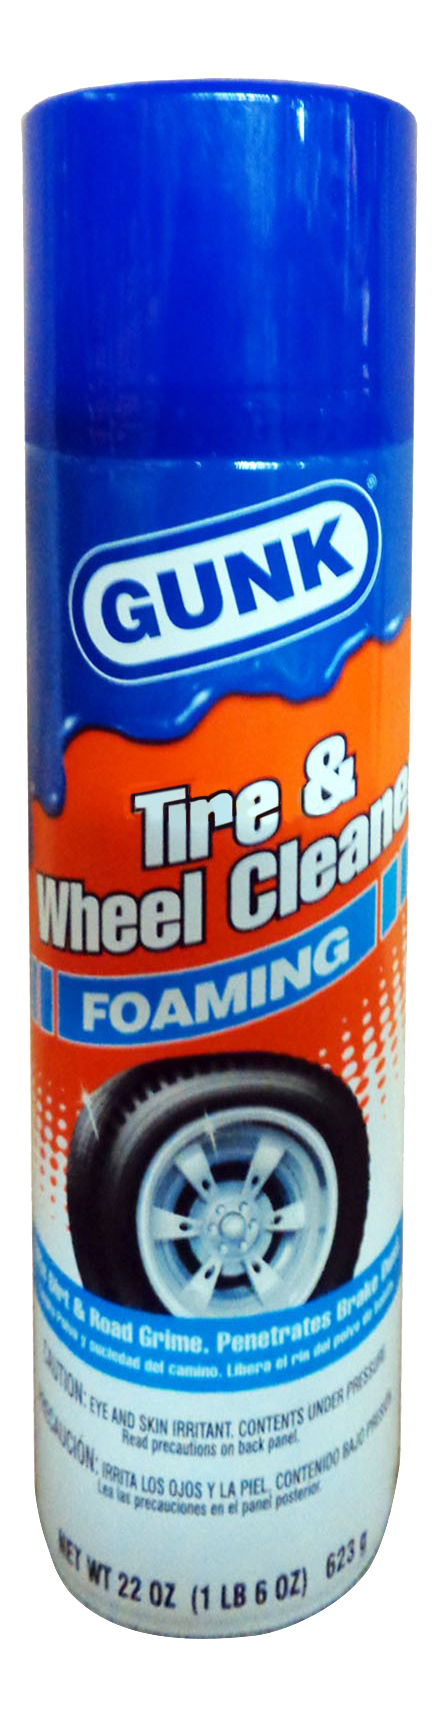 Средство для очистки автомобильных дисков GUNK Foaming